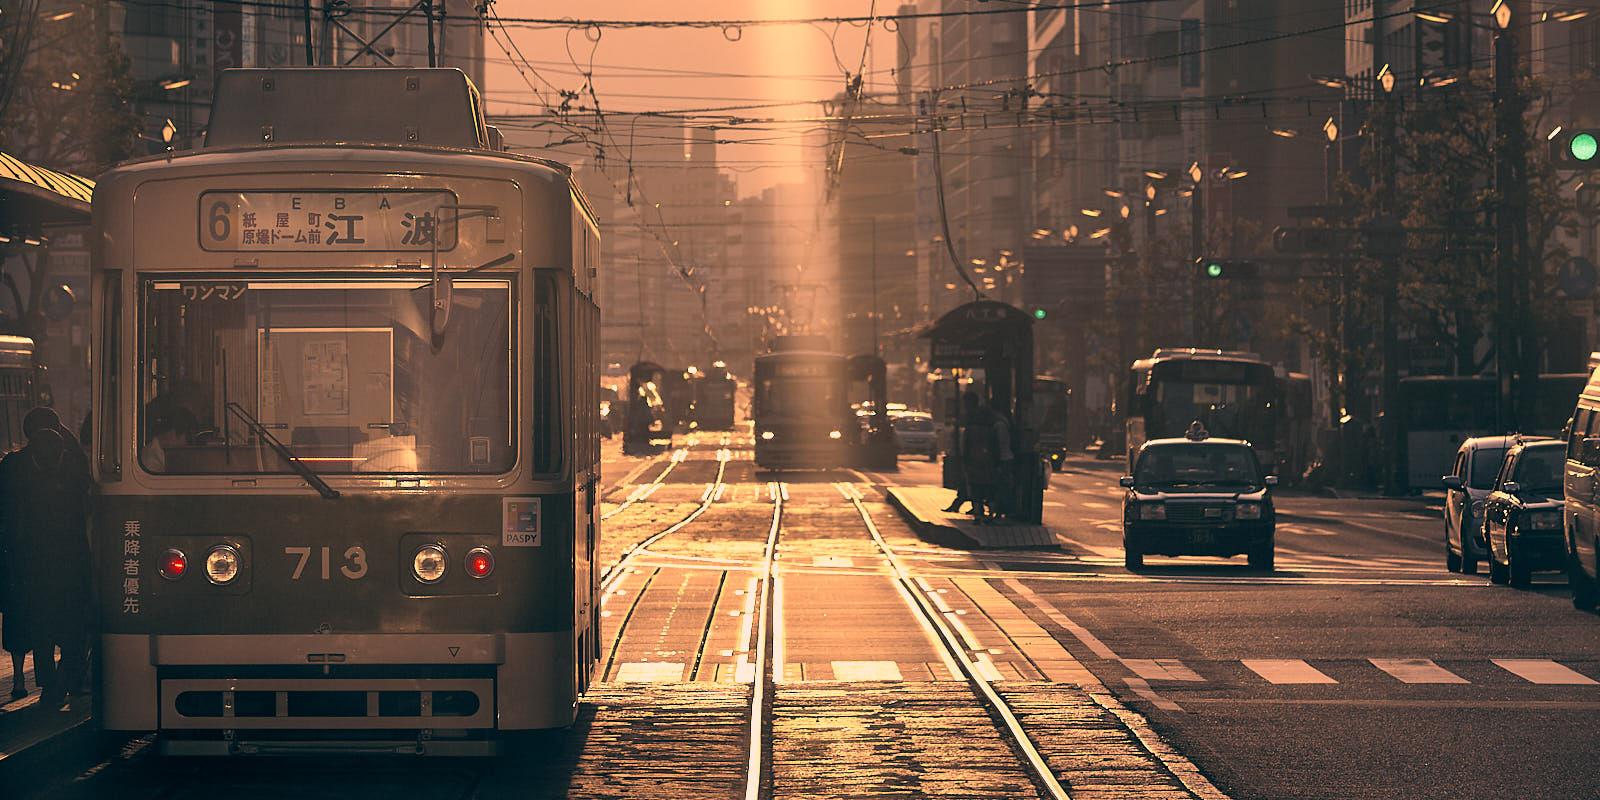 Le tramway d'Hiroshima au coucher de soleil